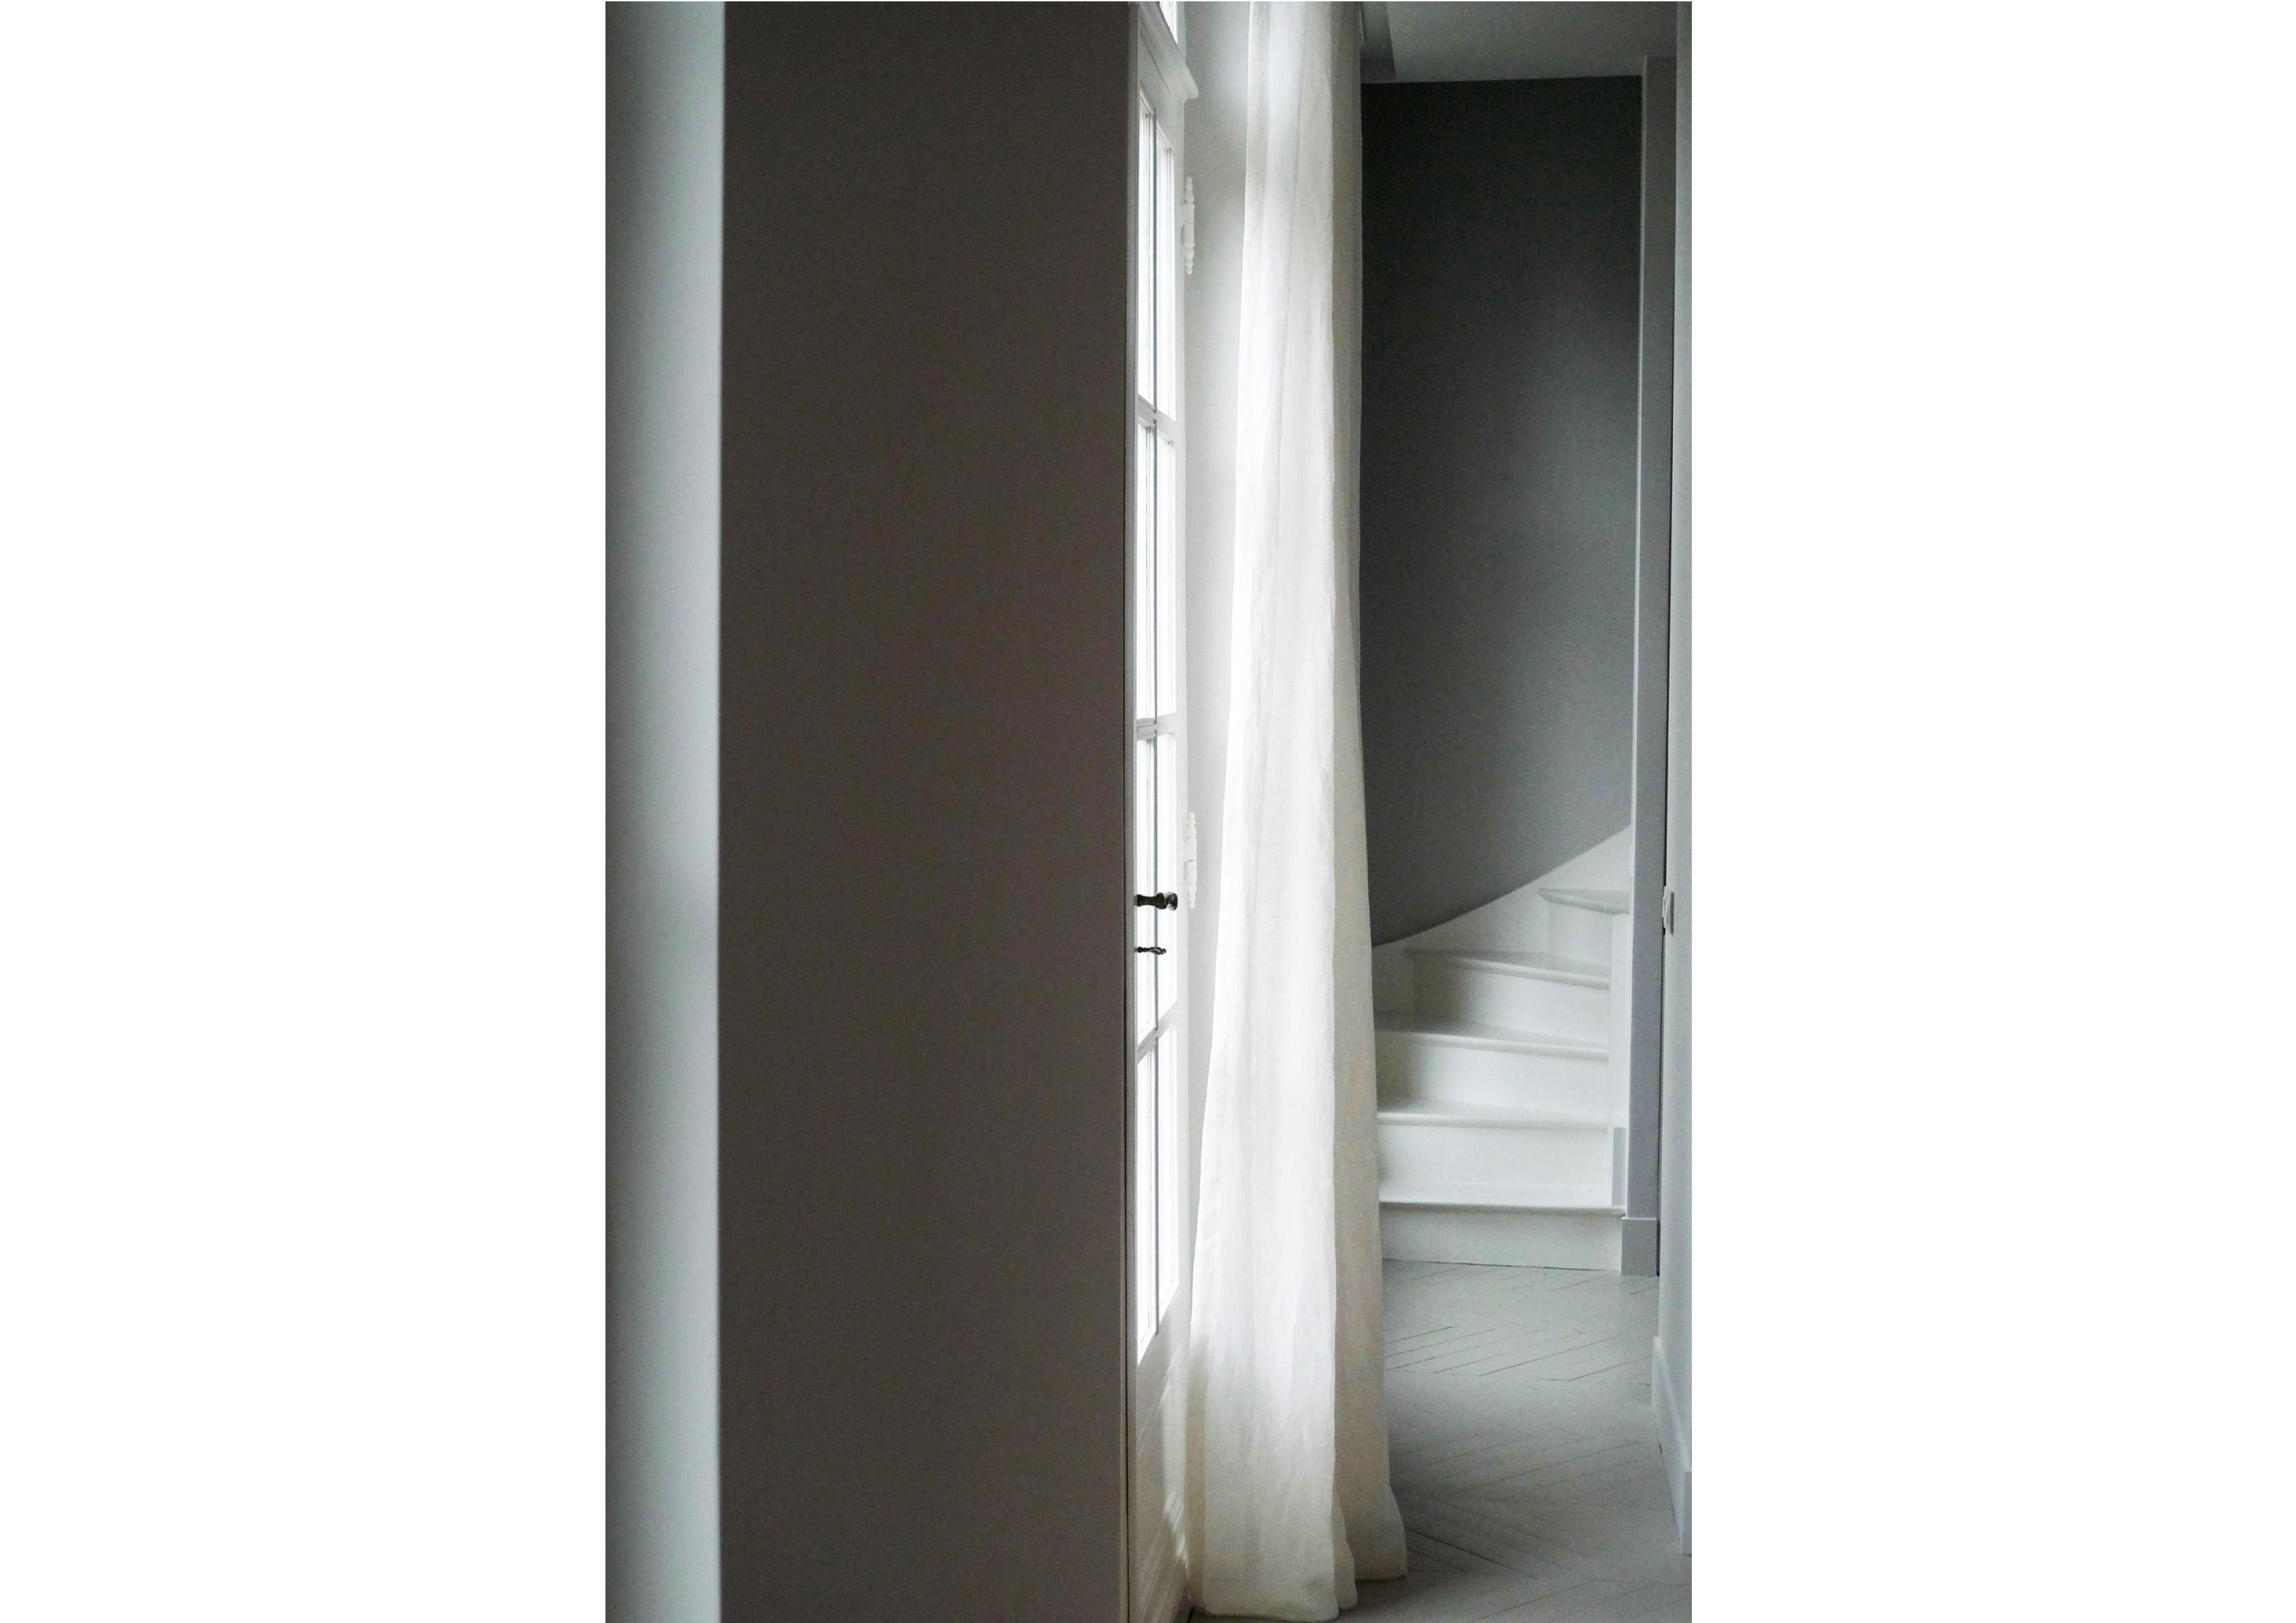 ameliemorinbernat.com entrée escalier peint voilage